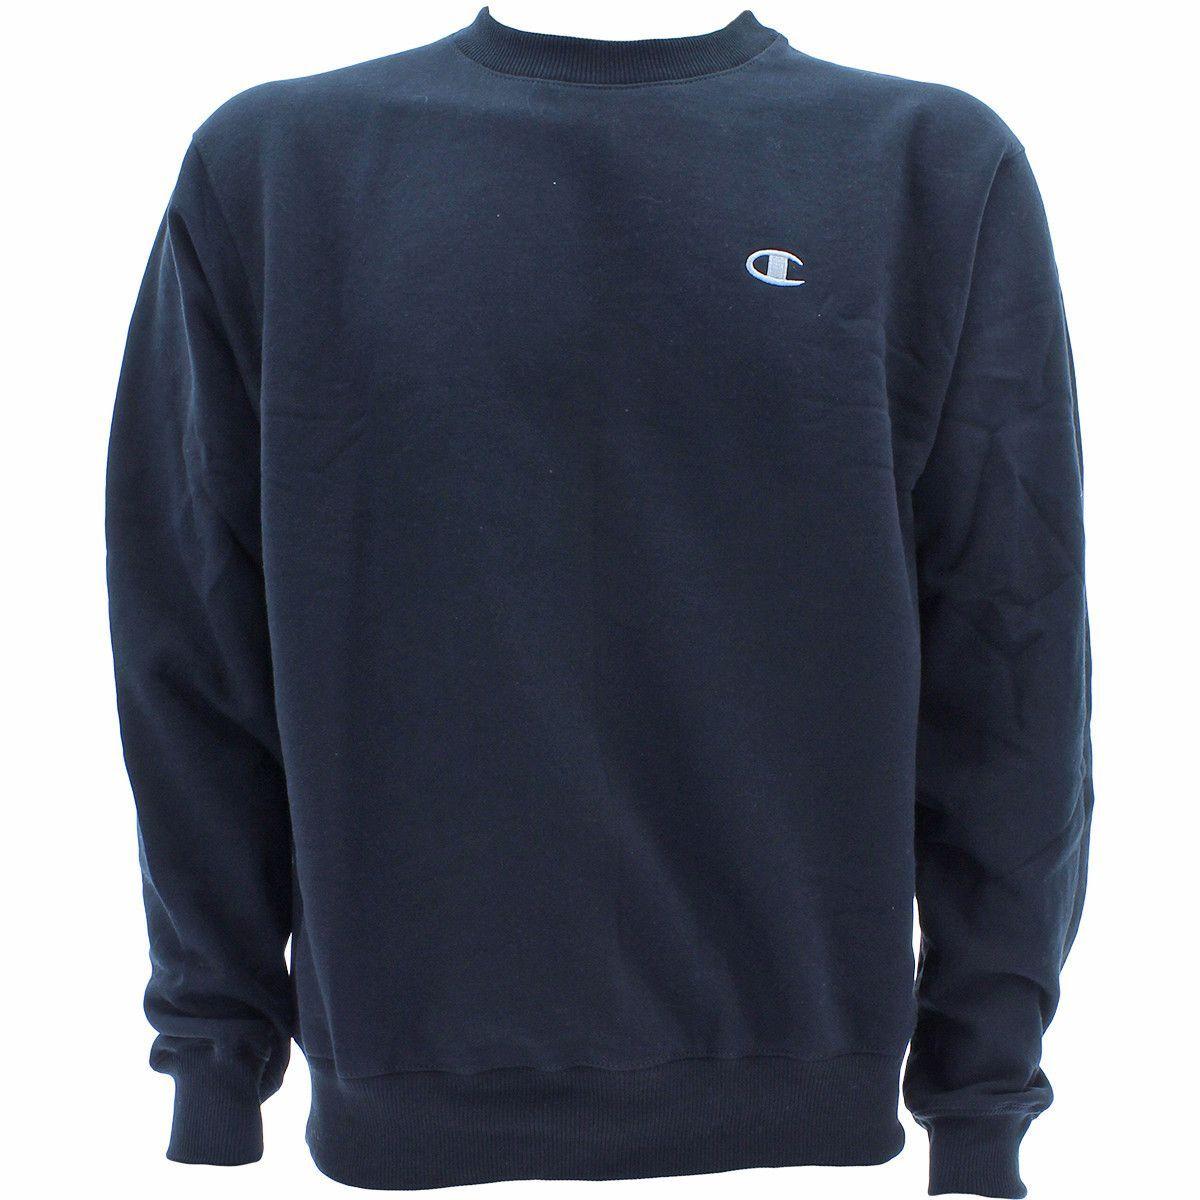 Champion Men S Eco Fleece Crewneck Sweatshirt Black Crew Neck Sweatshirt Sweatshirts Black Sweatshirts [ 1200 x 1200 Pixel ]